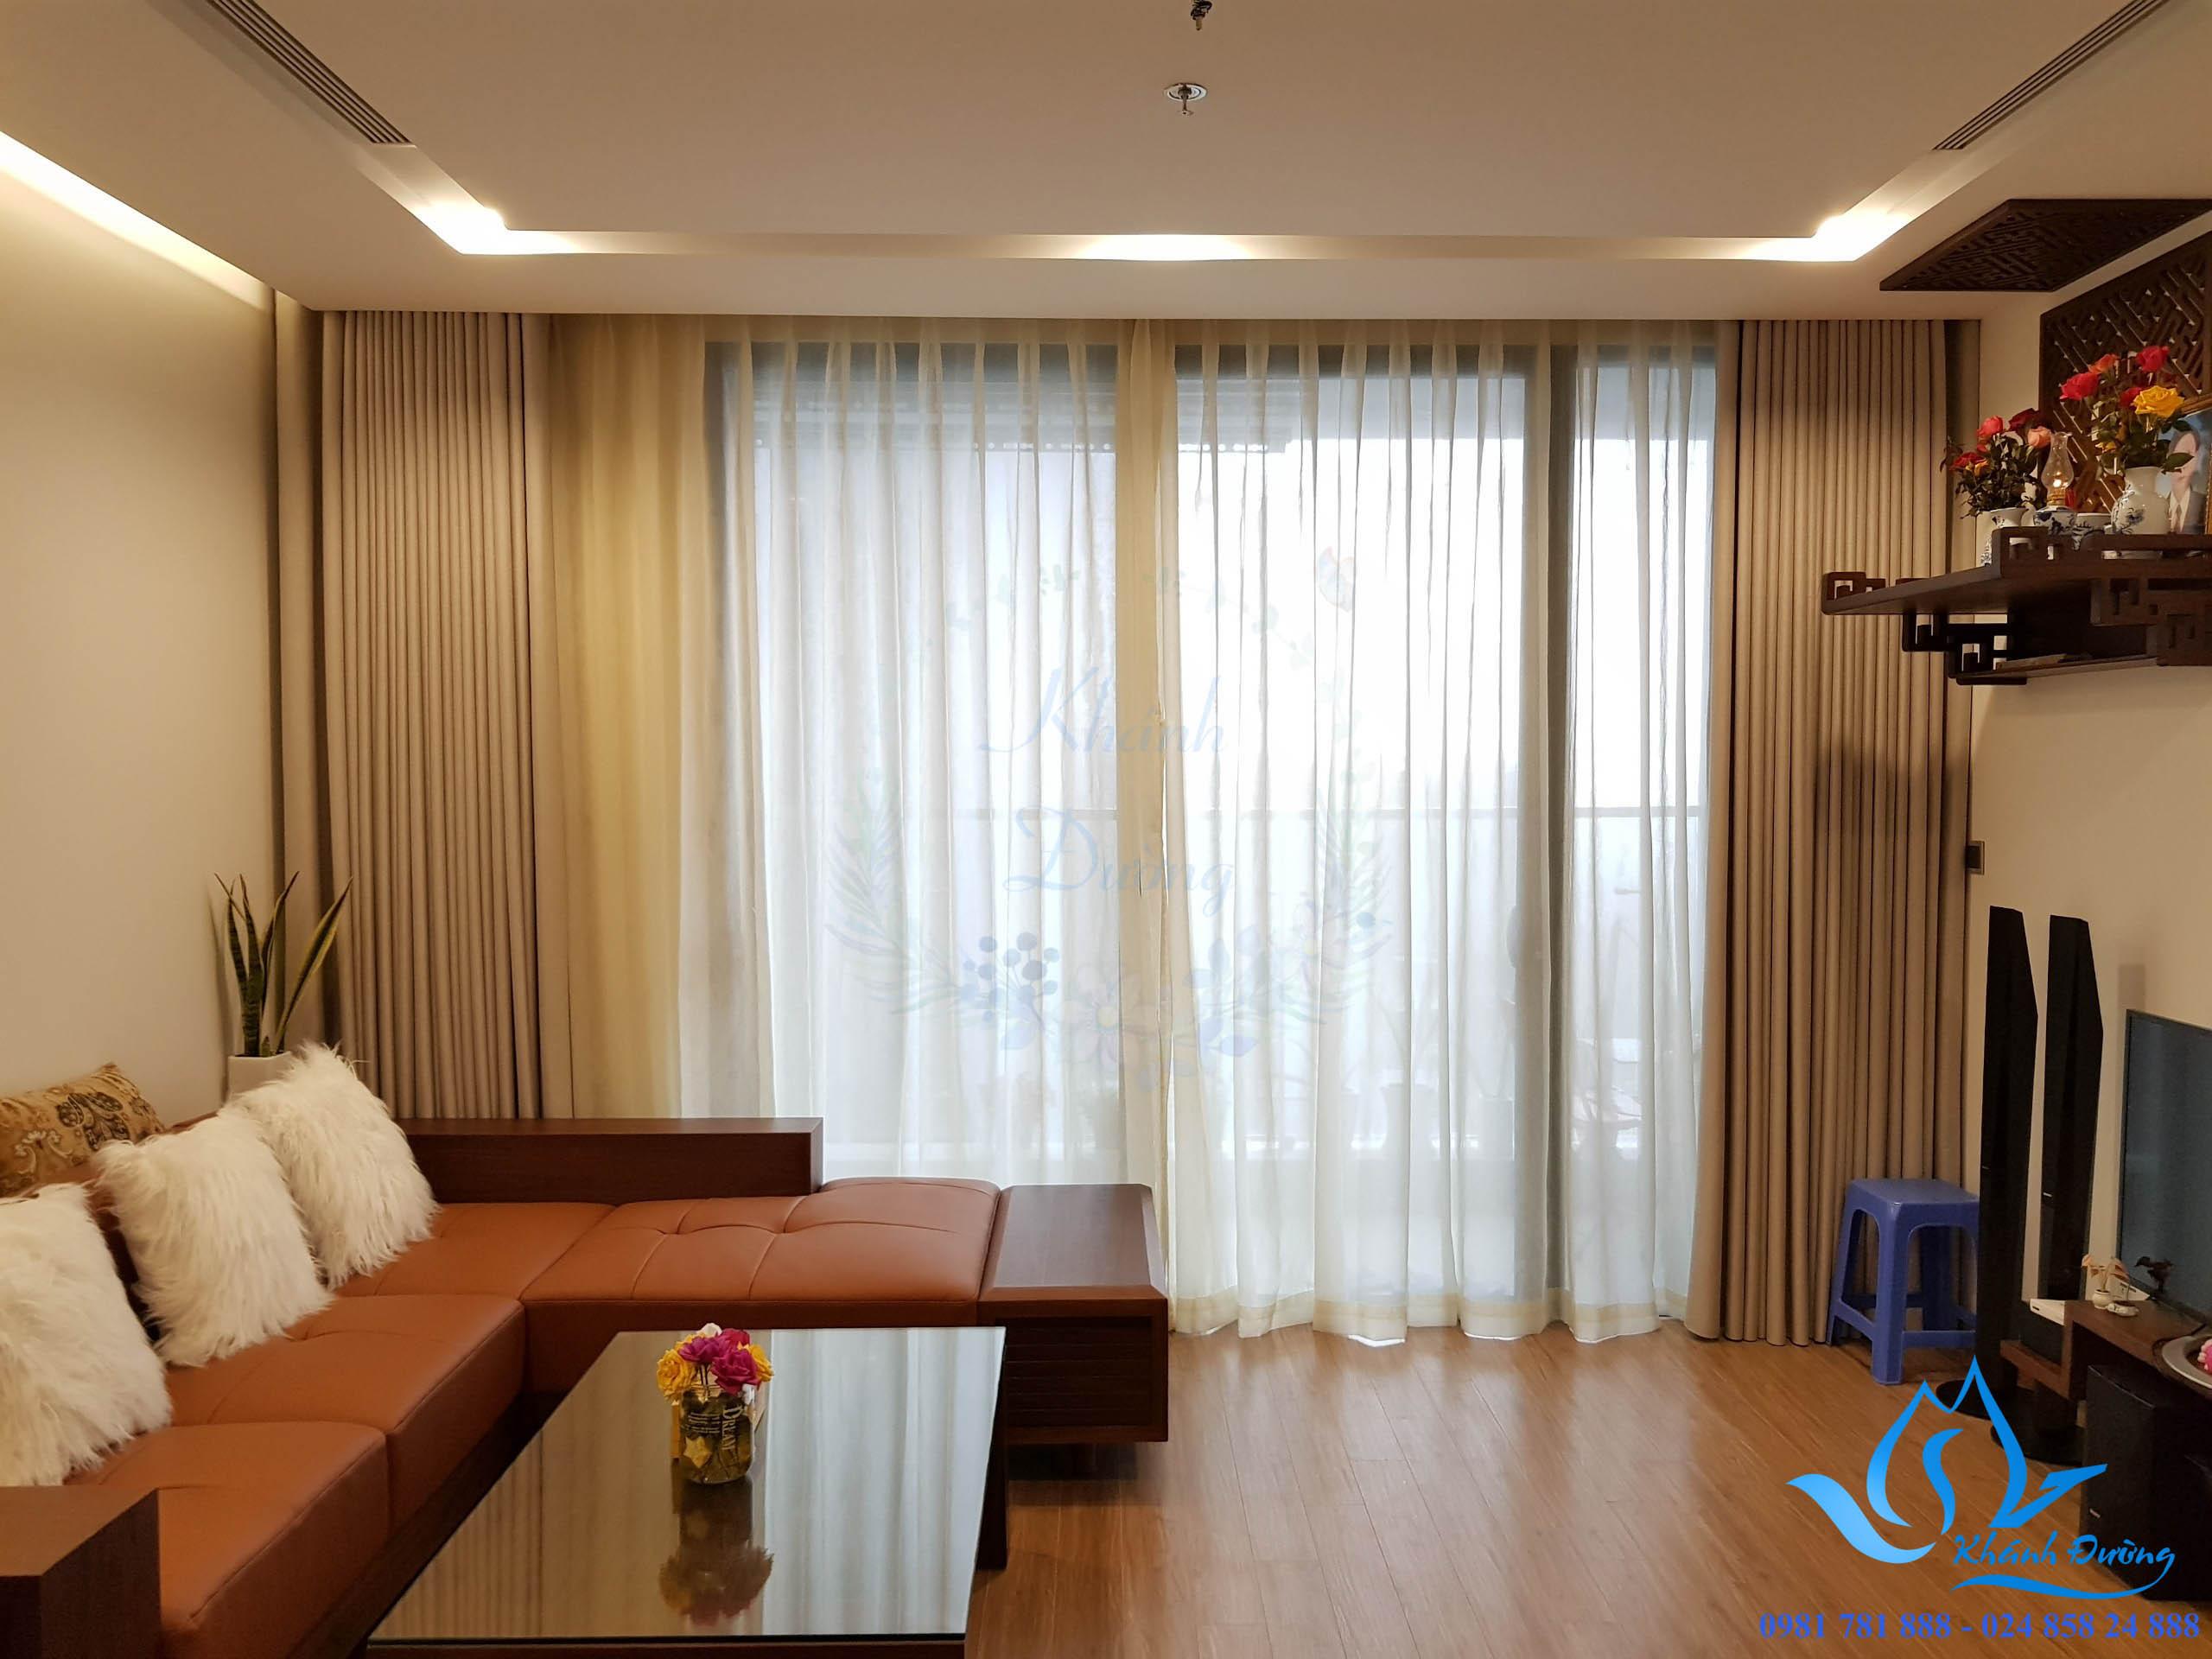 Rèm được lắp tại căn hộ nhà chị Mai - 12A06 tòa M3 Vincom Liễu Giai